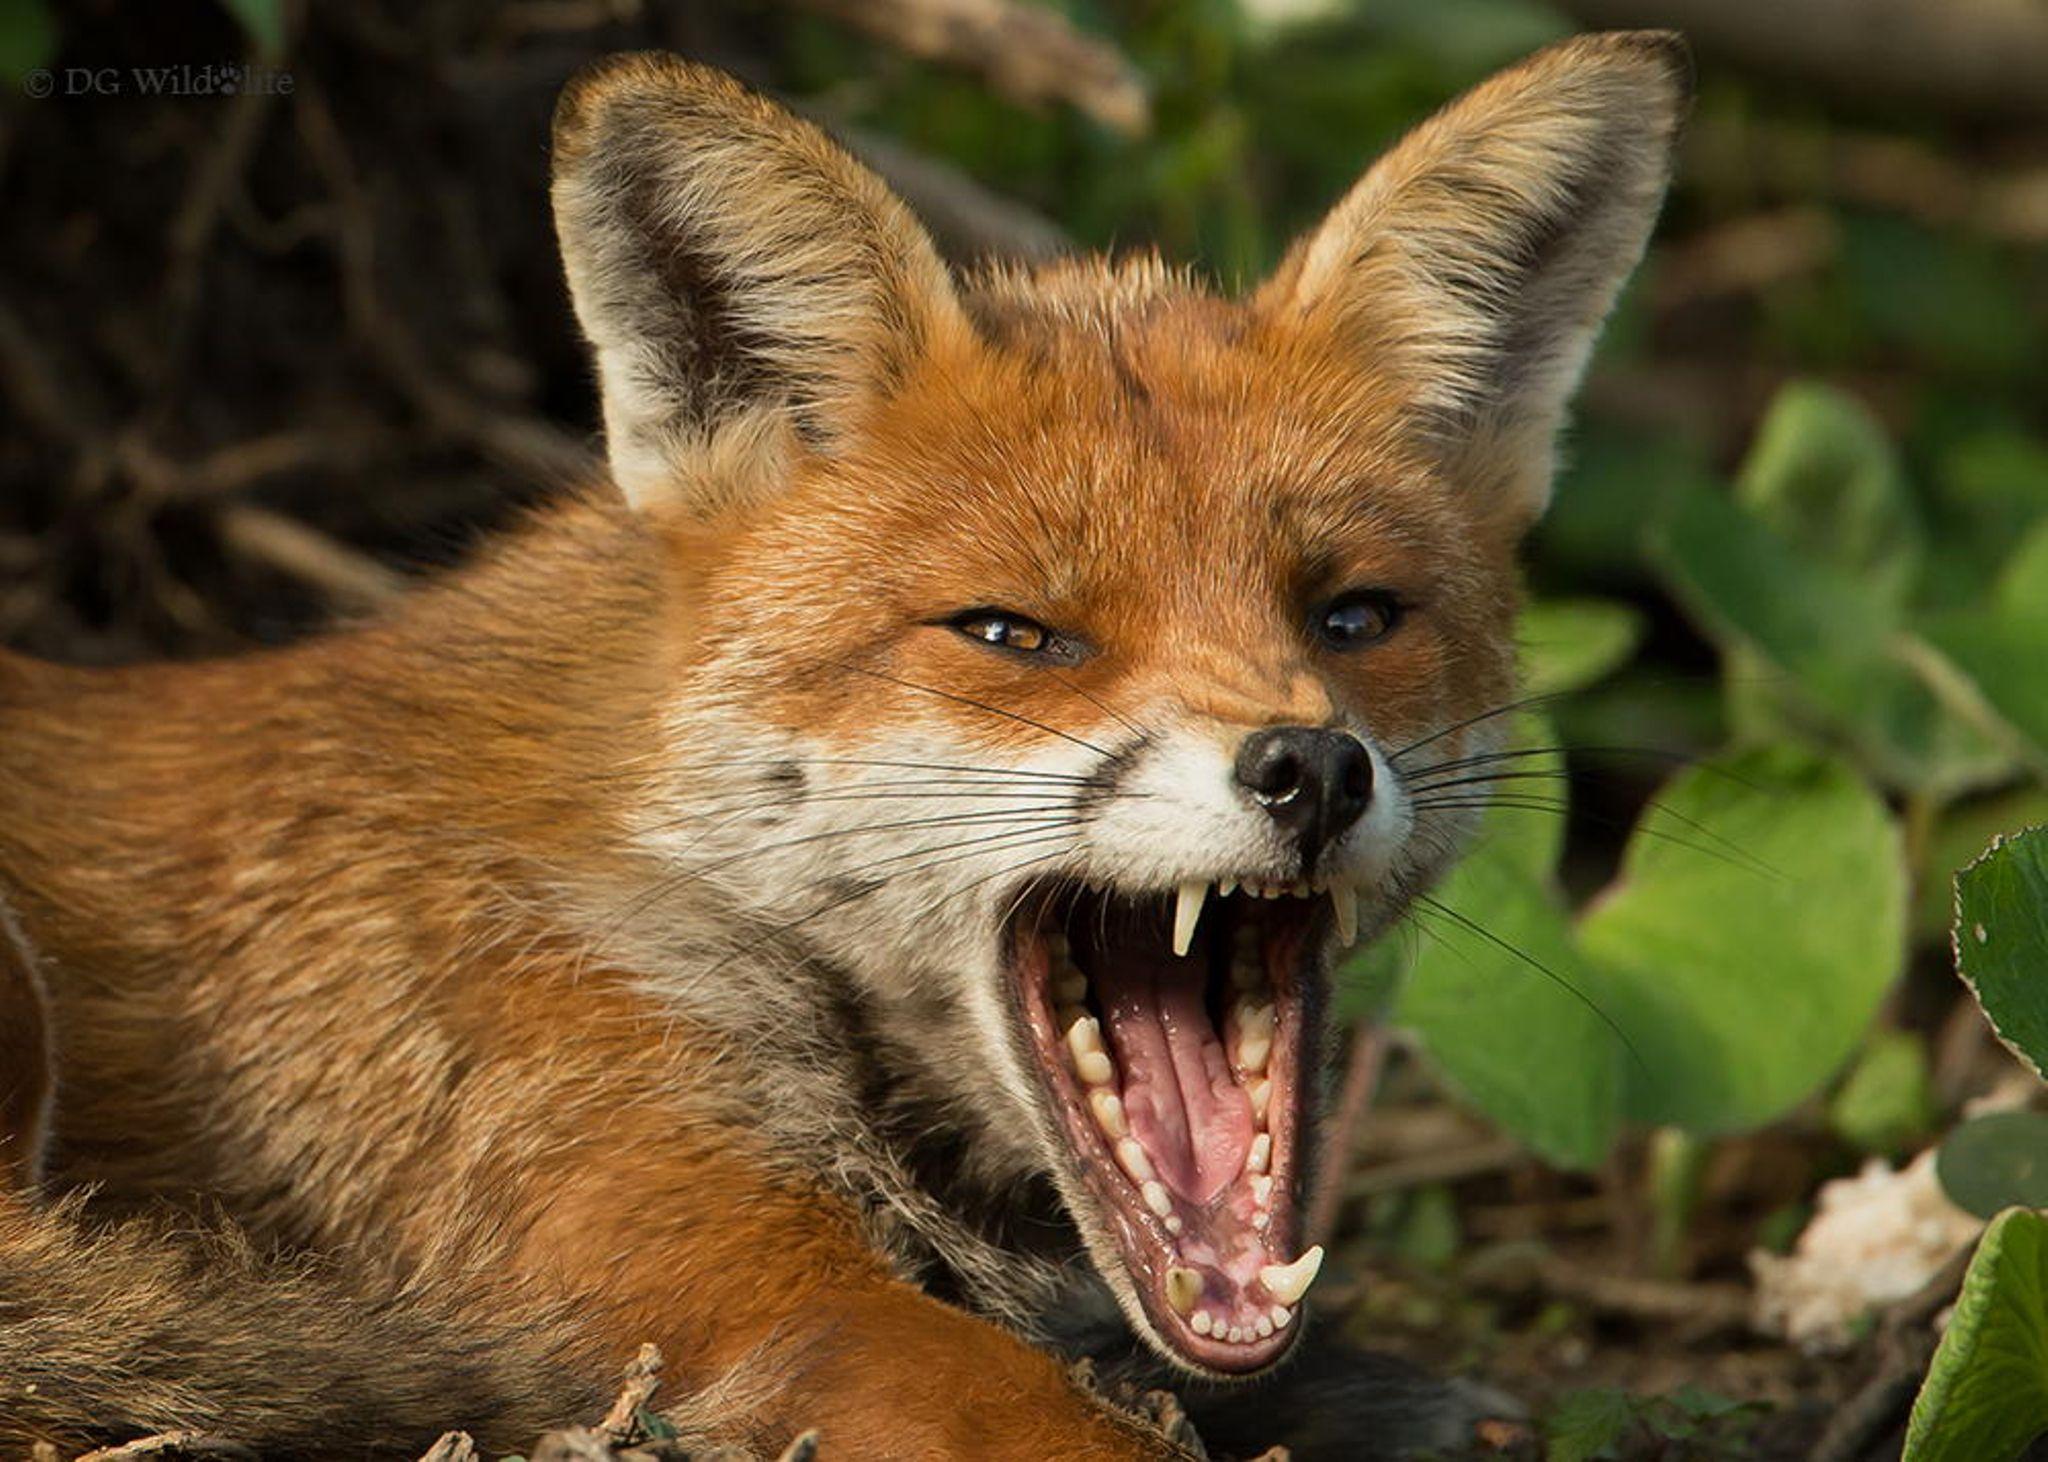 фото злого лиса избавляет проблем печенью